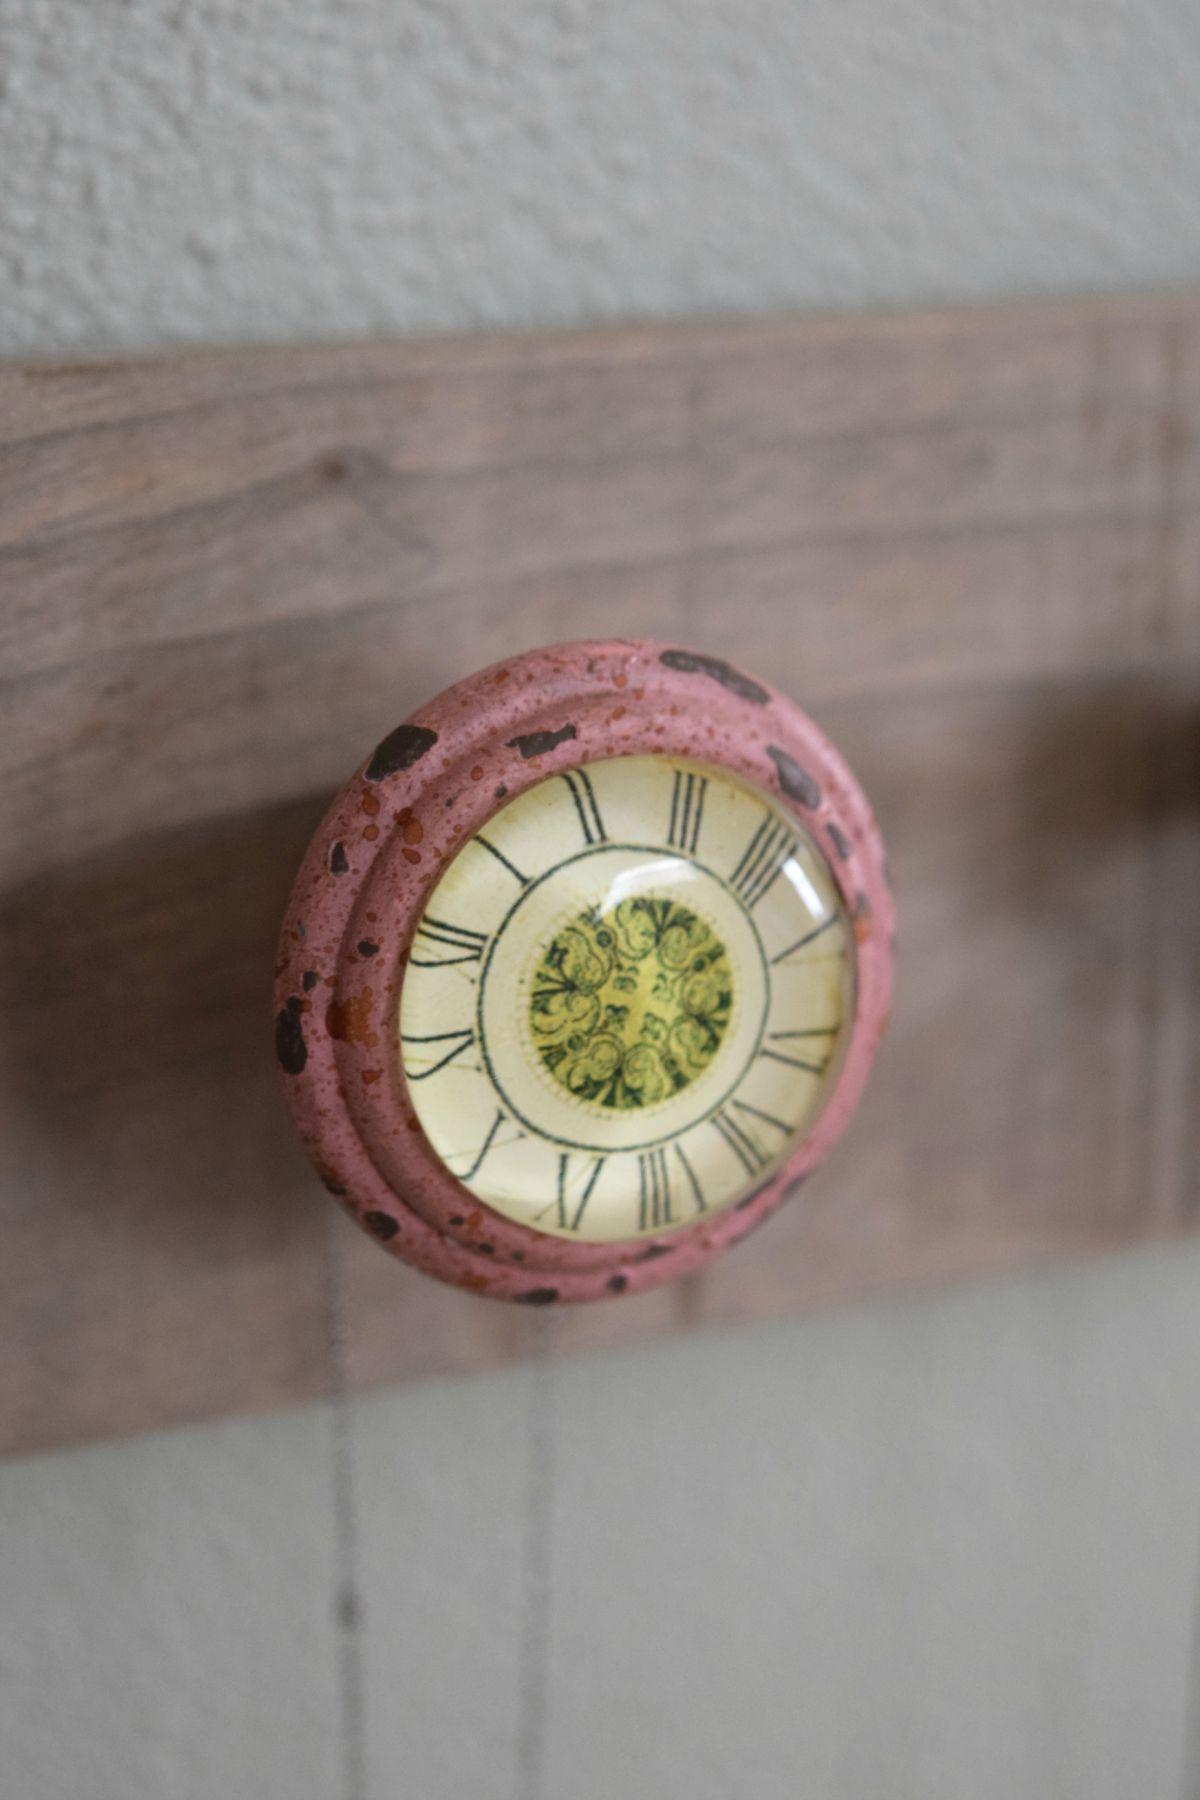 Door knob jewelry holder